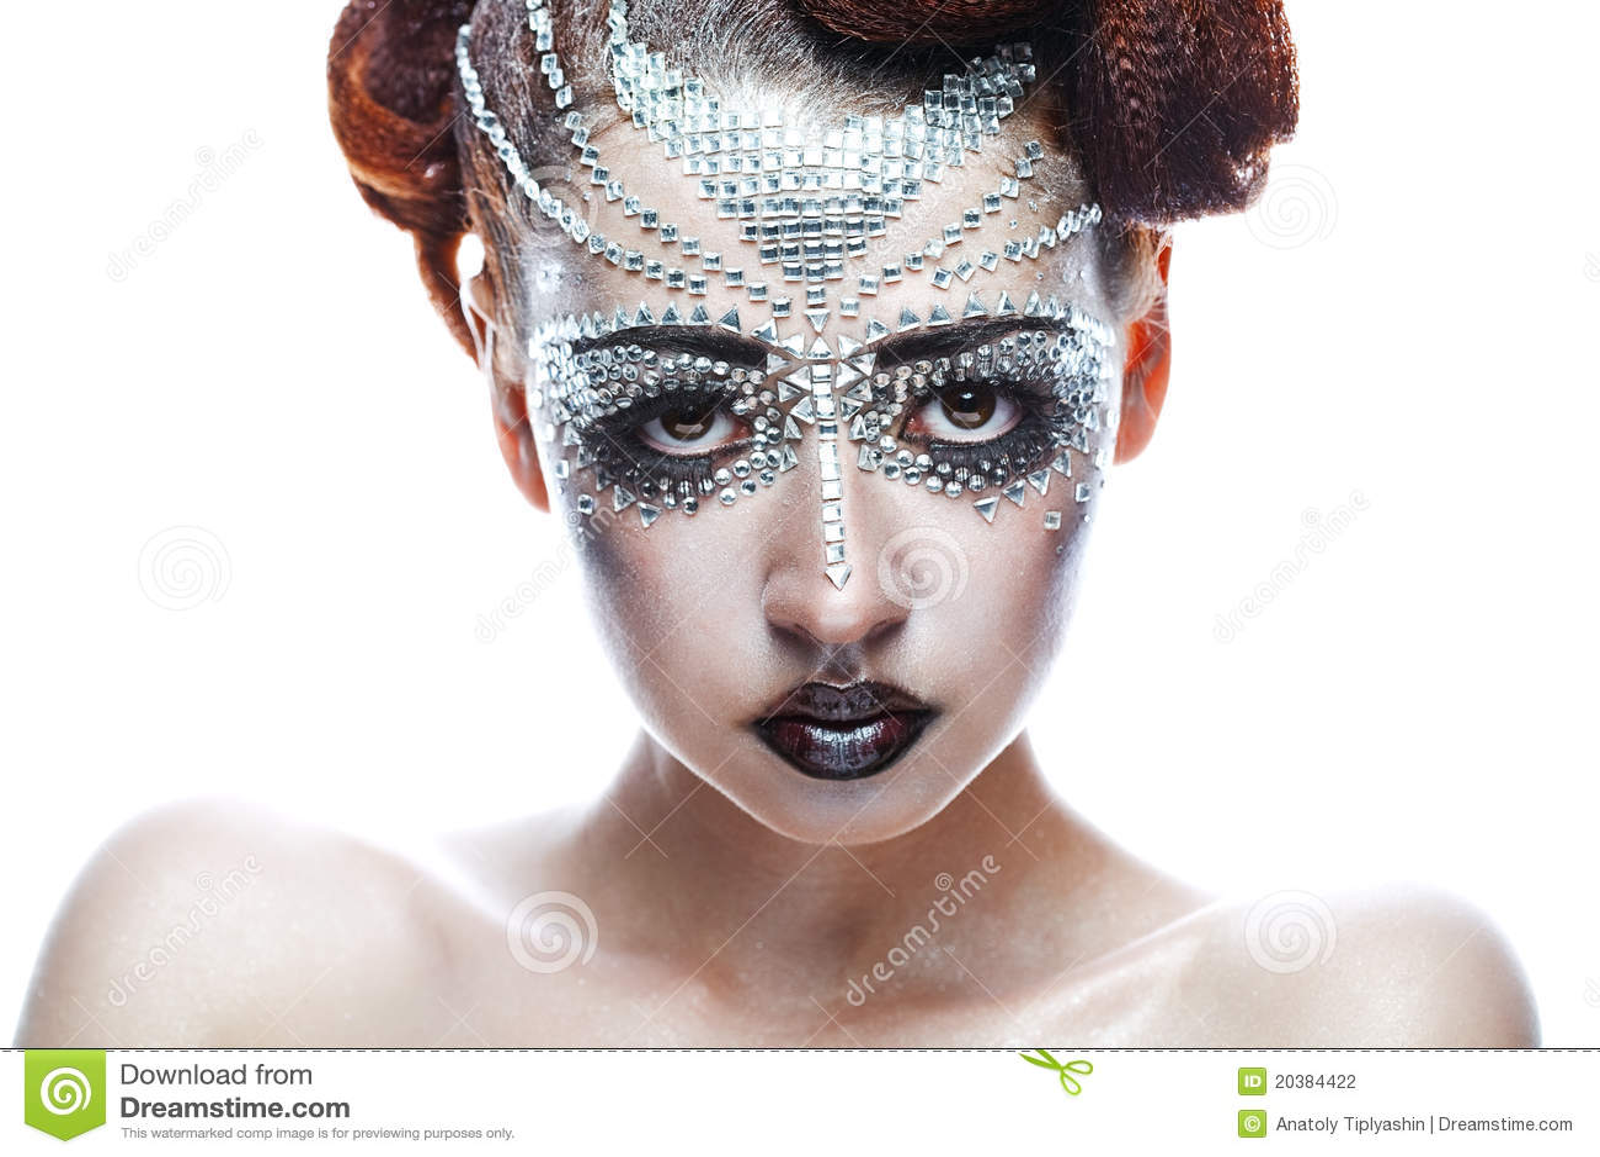 Футуристический образ и макияж